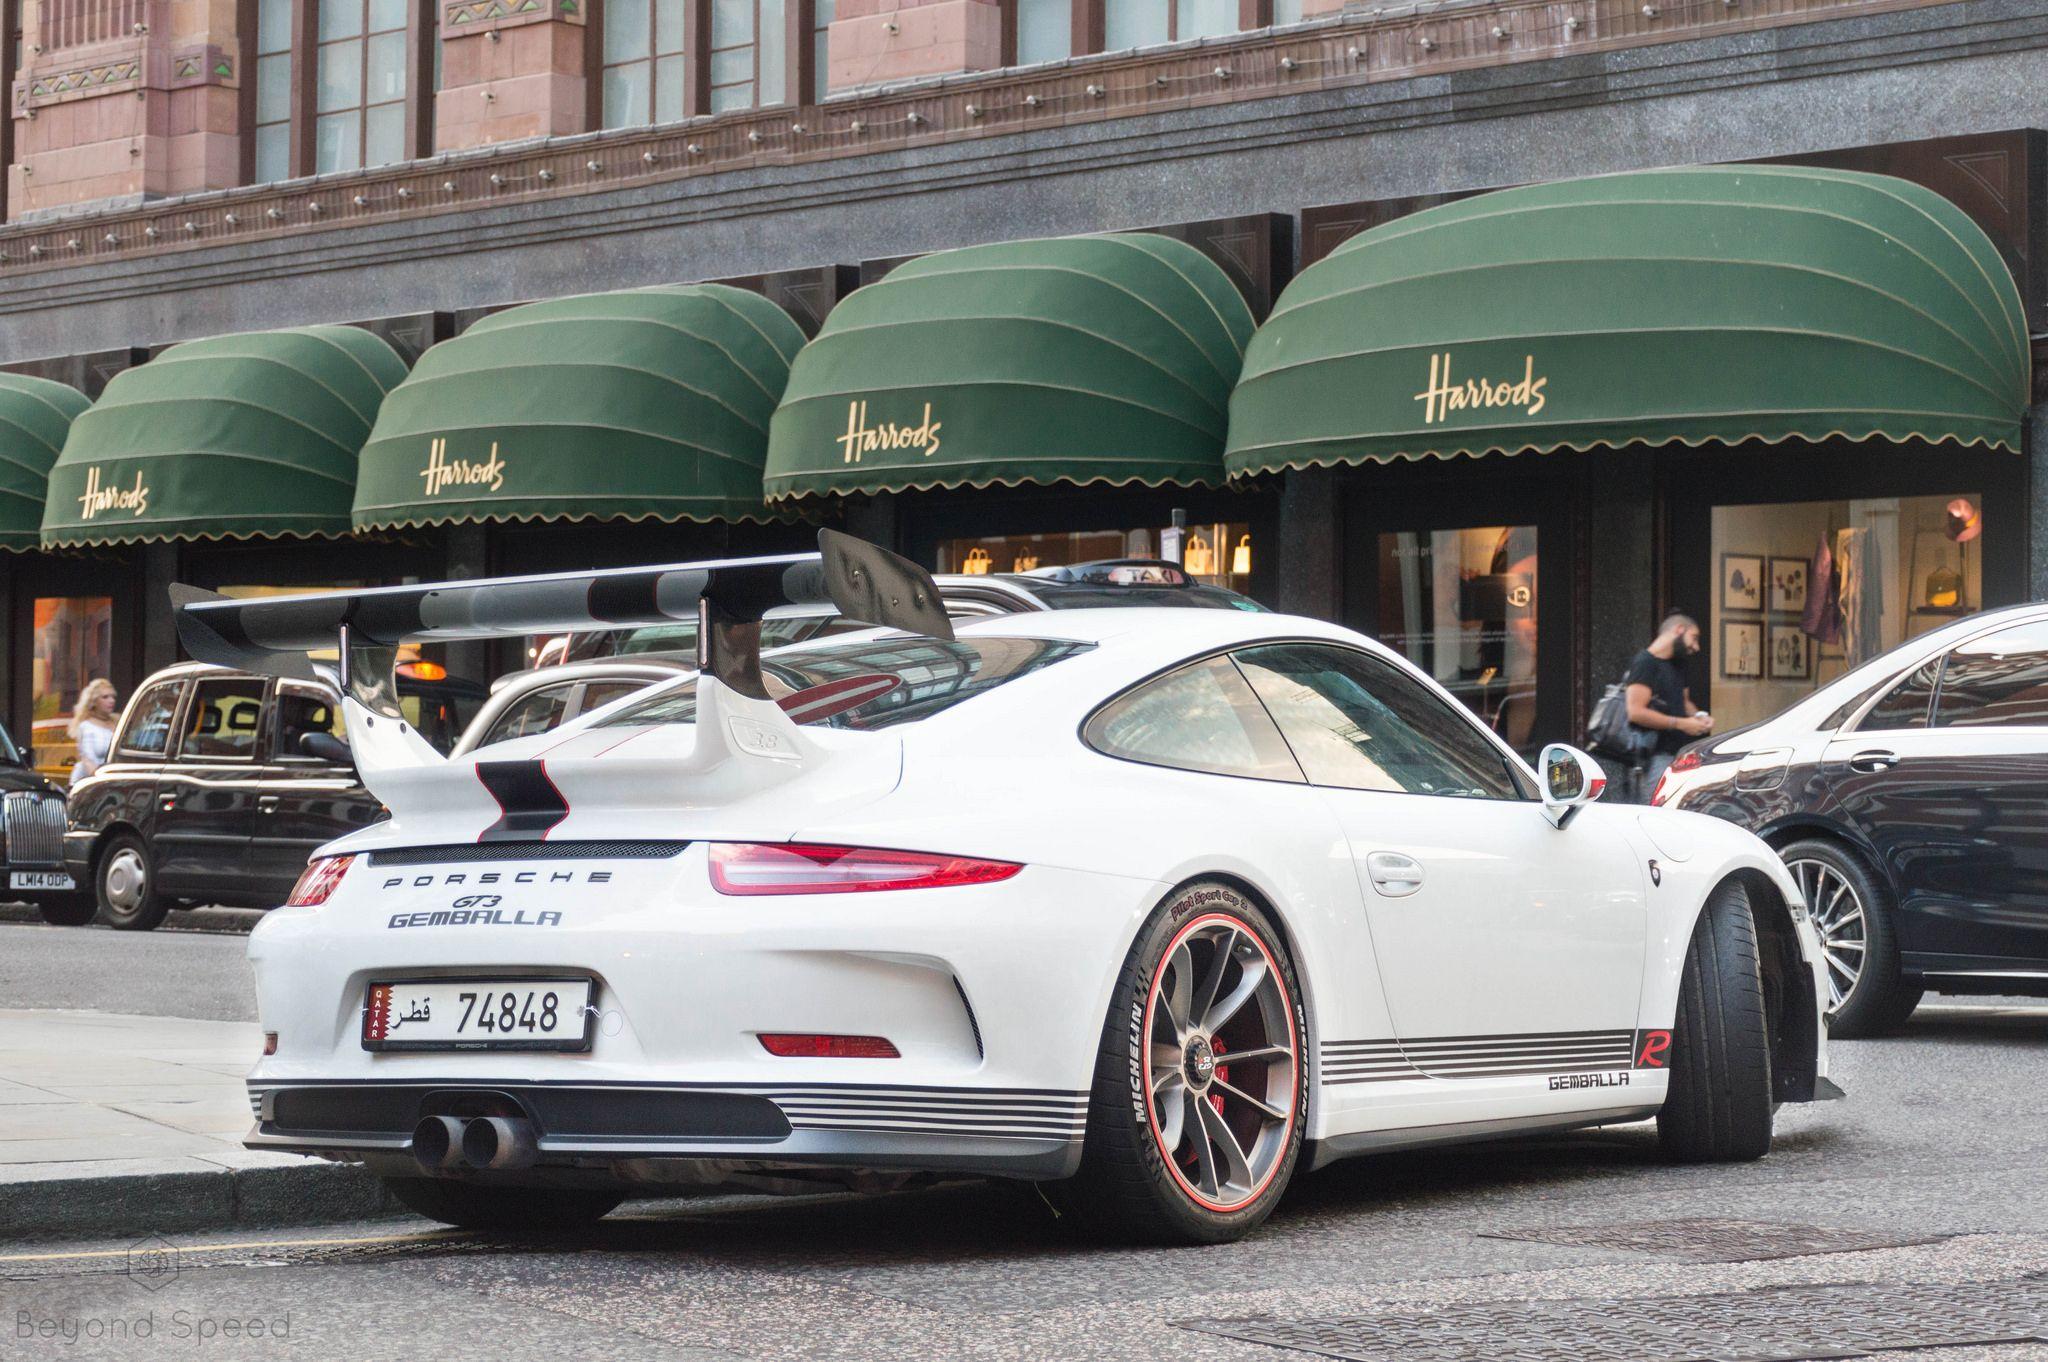 Gemballa | Porsche 991 gt3, Porsche 991 and Porsche 911 on porsche gt3, porsche hre p101 wheels, porsche turbo s, porsche sapphire blue wallpaper, porsche gemballa, porsche 550 wing, porsche cayenne, porsche 4 door, porsche convertible,